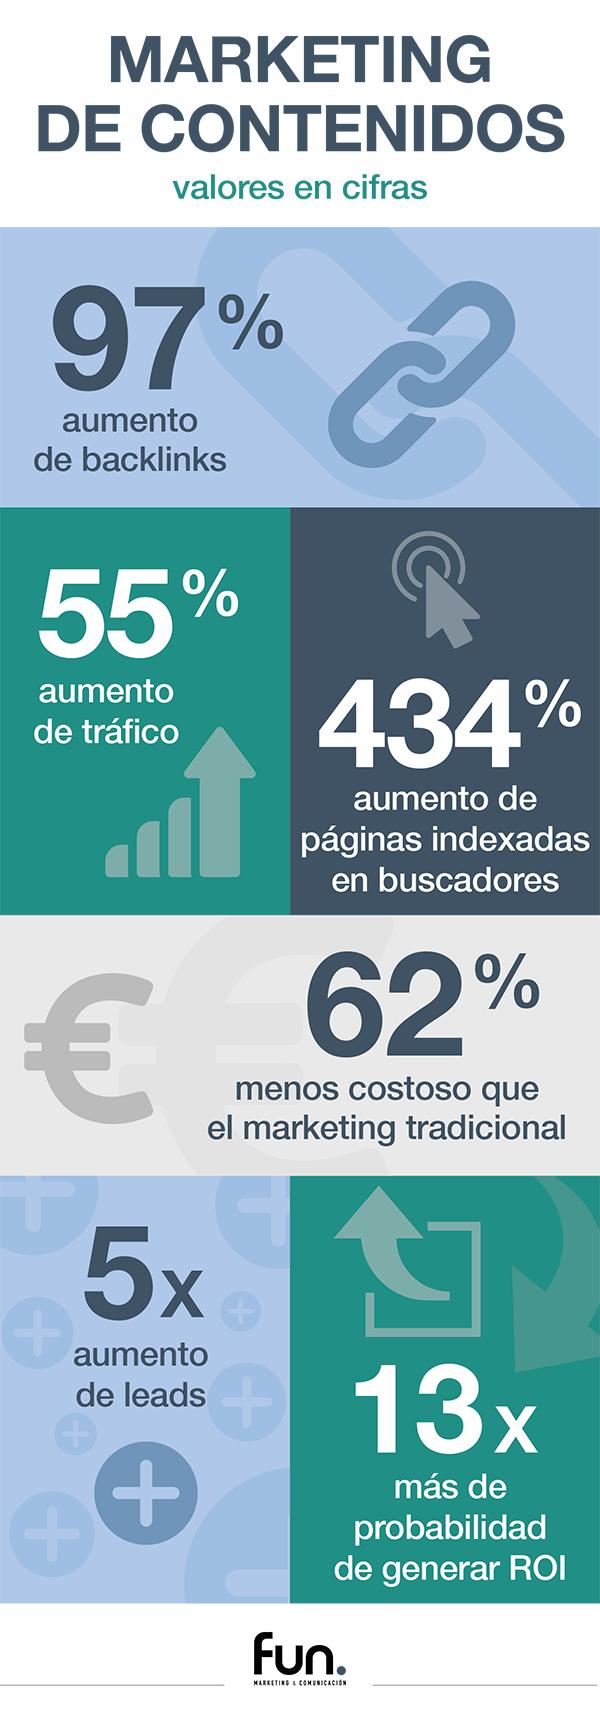 marketing de contenidos en cifras